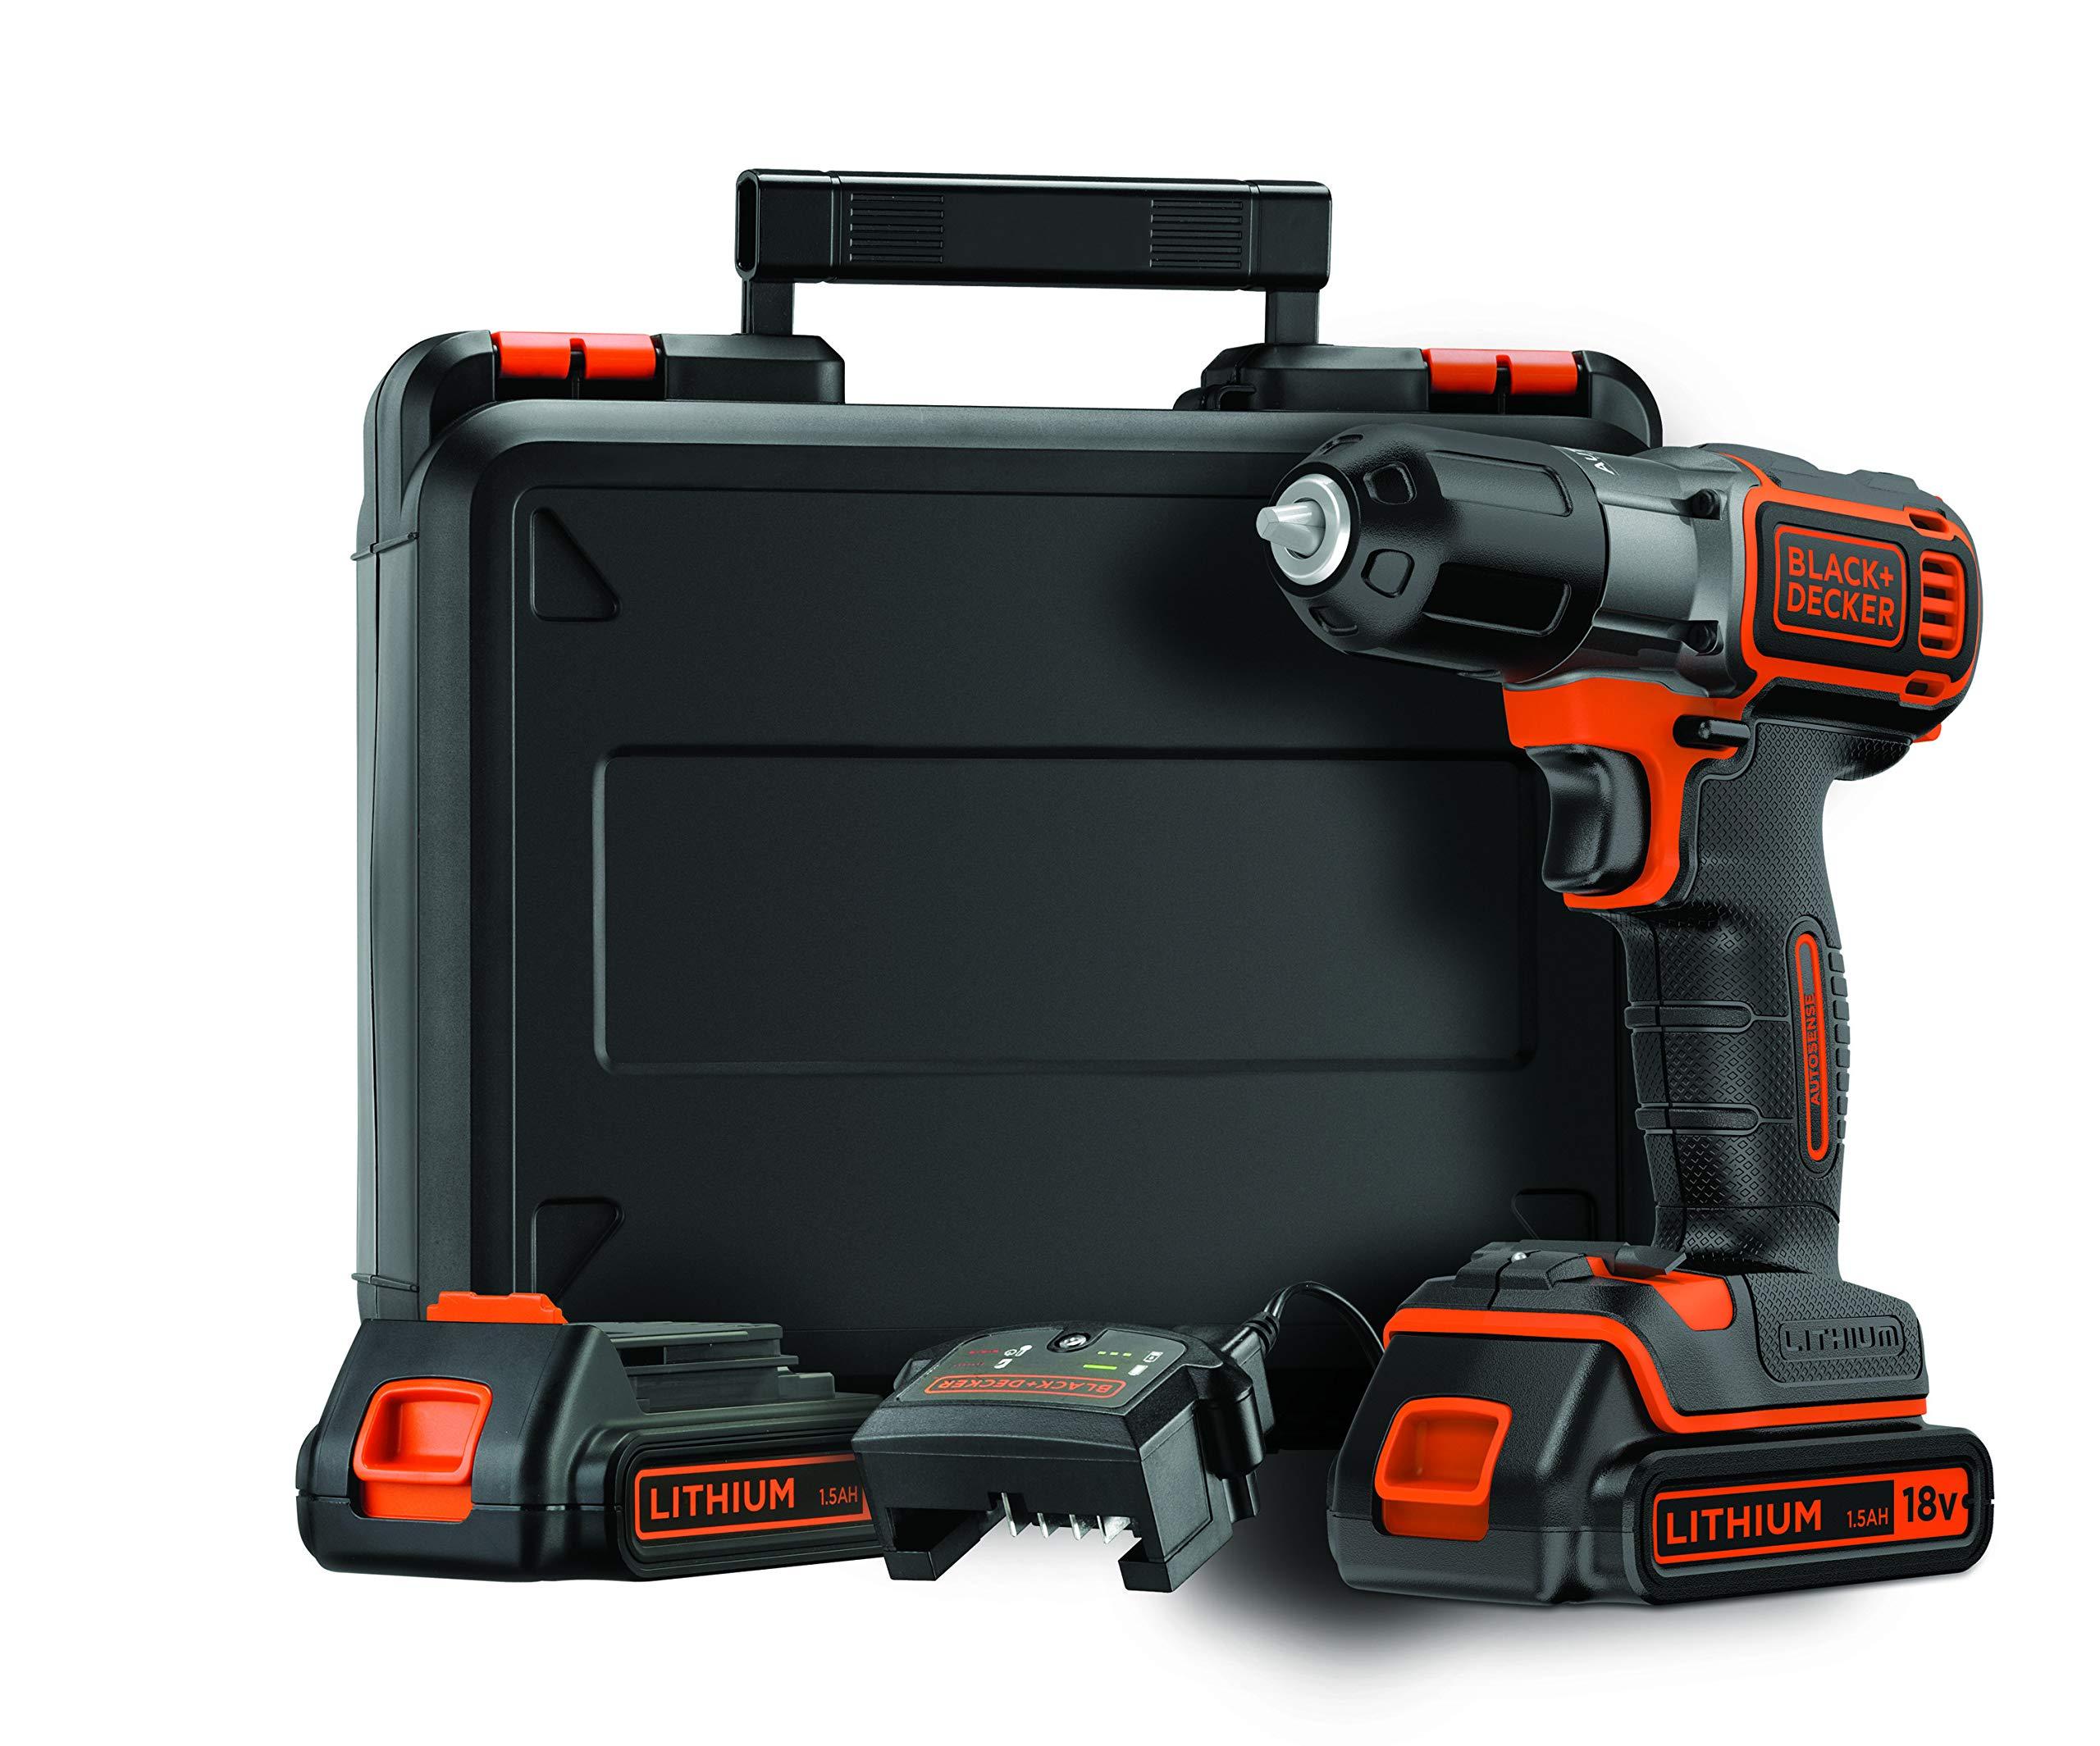 BLACK+DECKER ASD184KB-QW Trapano Avvitatore Autosense, con Doppia Batteria, 18 V, al Litio, 1.5 Ah, Valigetta, Arancione product image